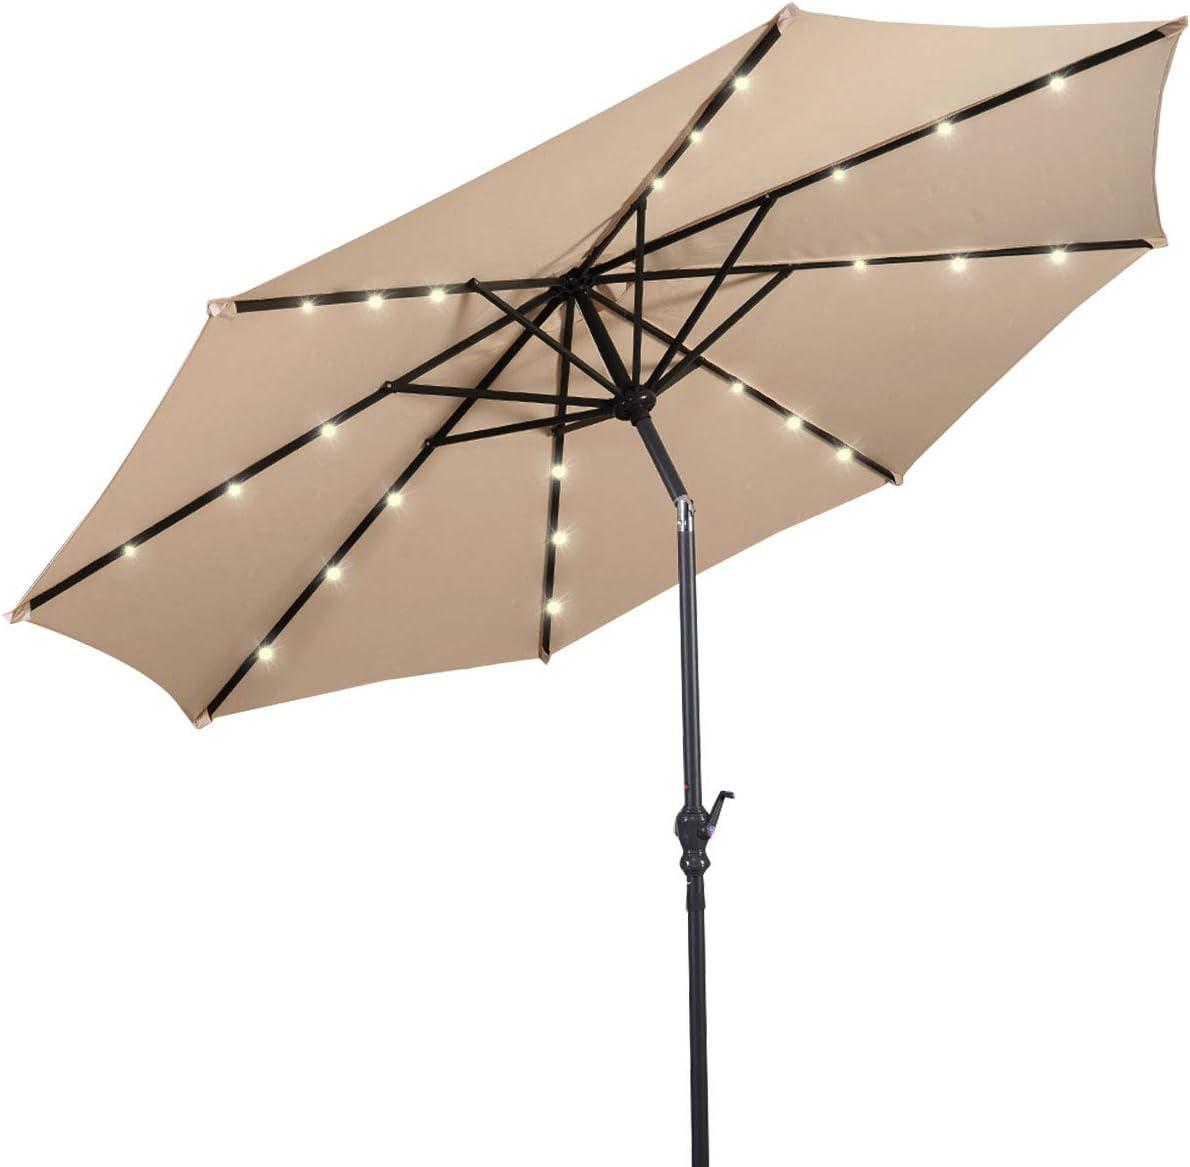 Giantex 10ft Solar Patio Umbrella Sunbrella with Lights, 8 Ribs Market Steel Tilt w Crank for Garden, Deck, Backyard, Pool Indoor Outdoor Use Beige NewStyle